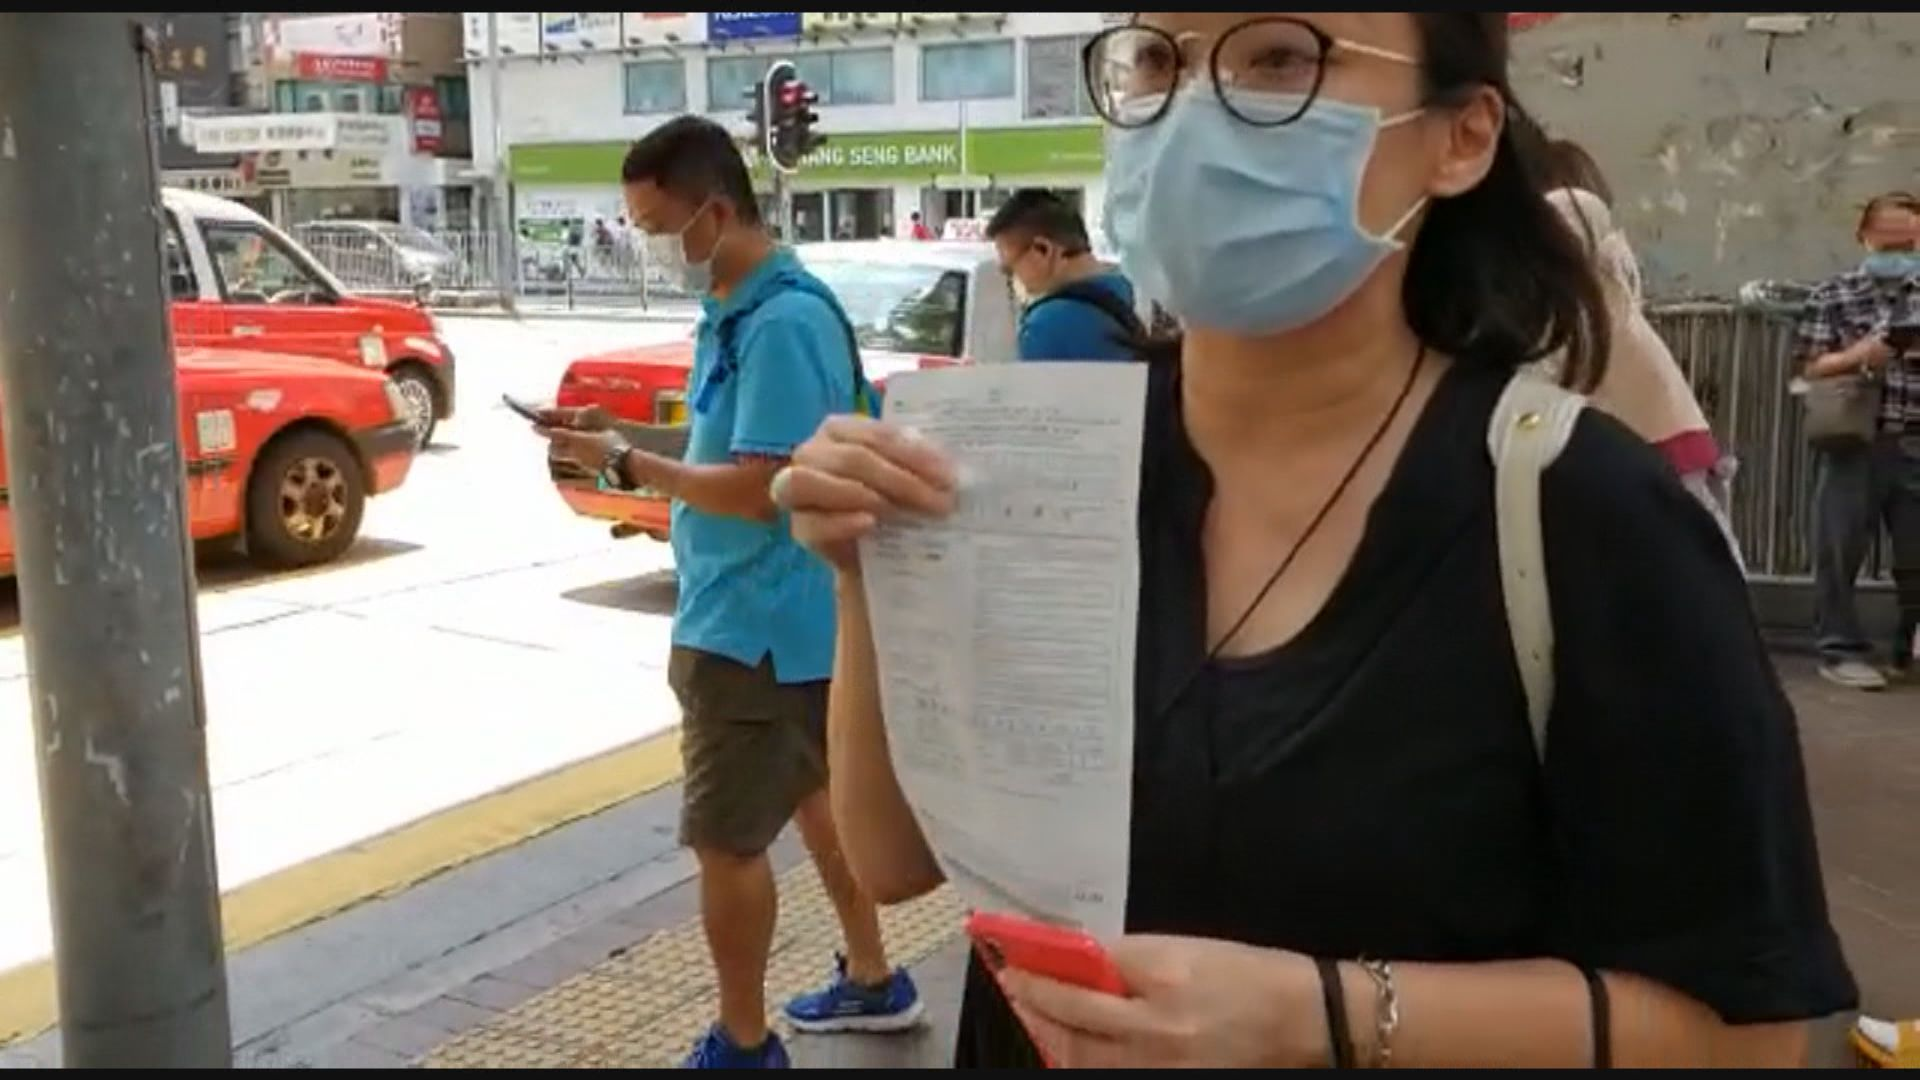 太子站831事件一周年 警方指獻花市民亂拋垃圾